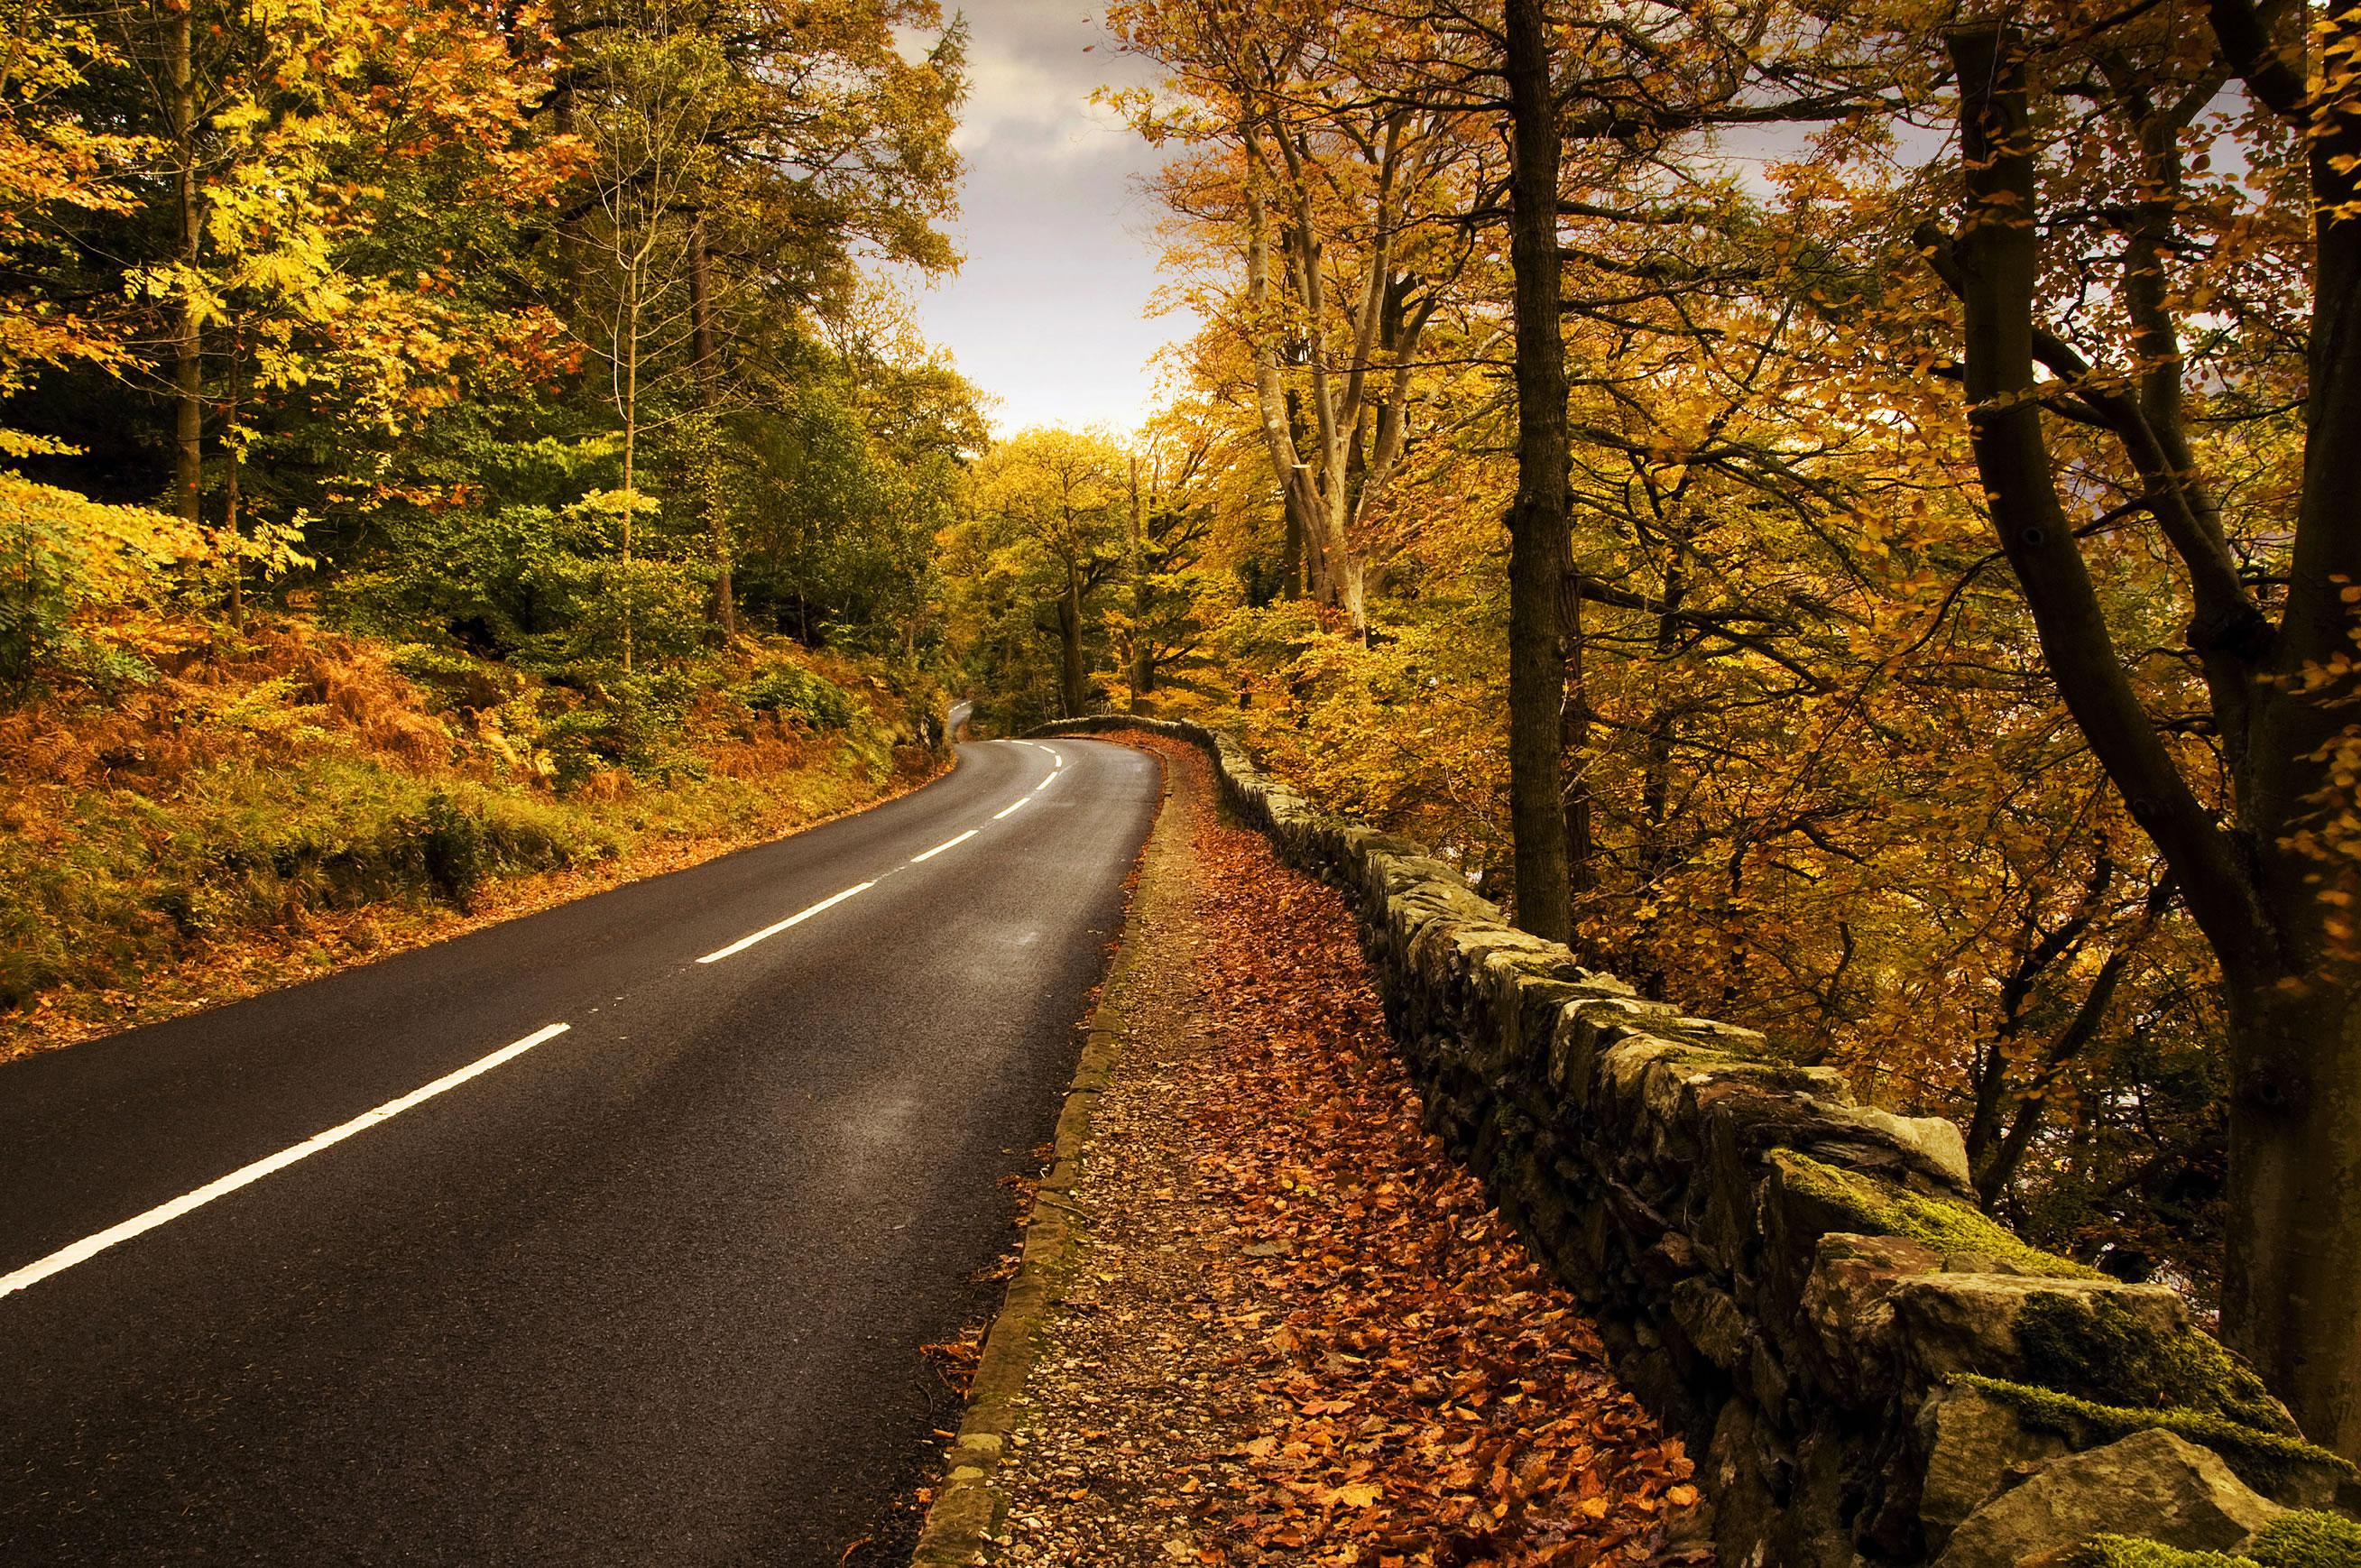 осень, асфальтовая дорога, деревья, опавшие деревья